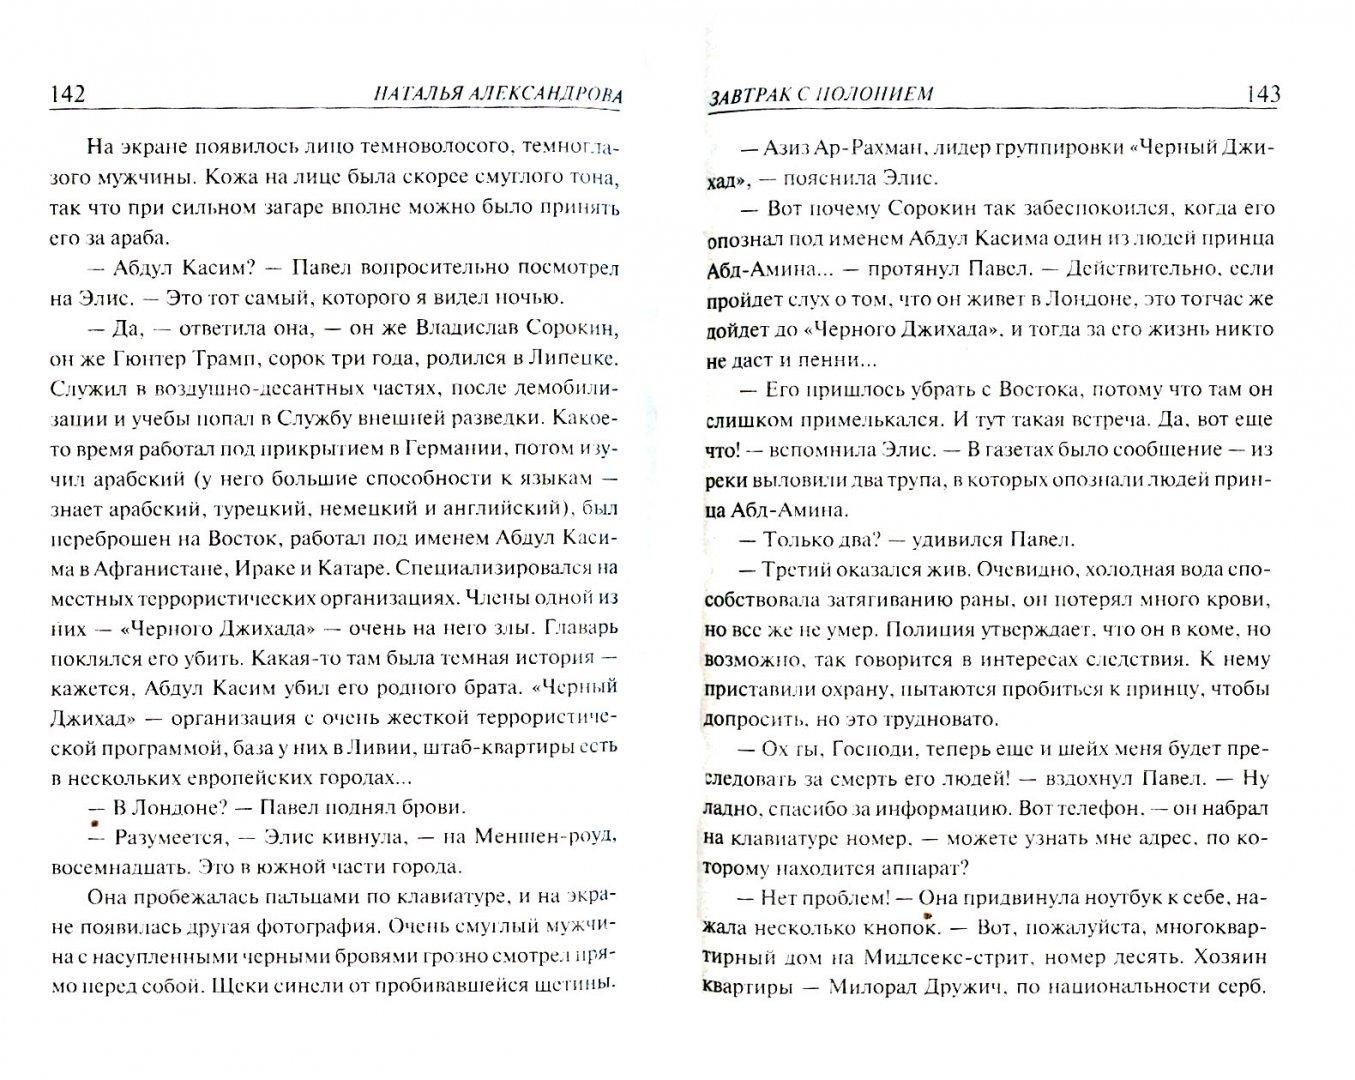 Иллюстрация 1 из 7 для Завтрак с полонием - Наталья Александрова | Лабиринт - книги. Источник: Лабиринт